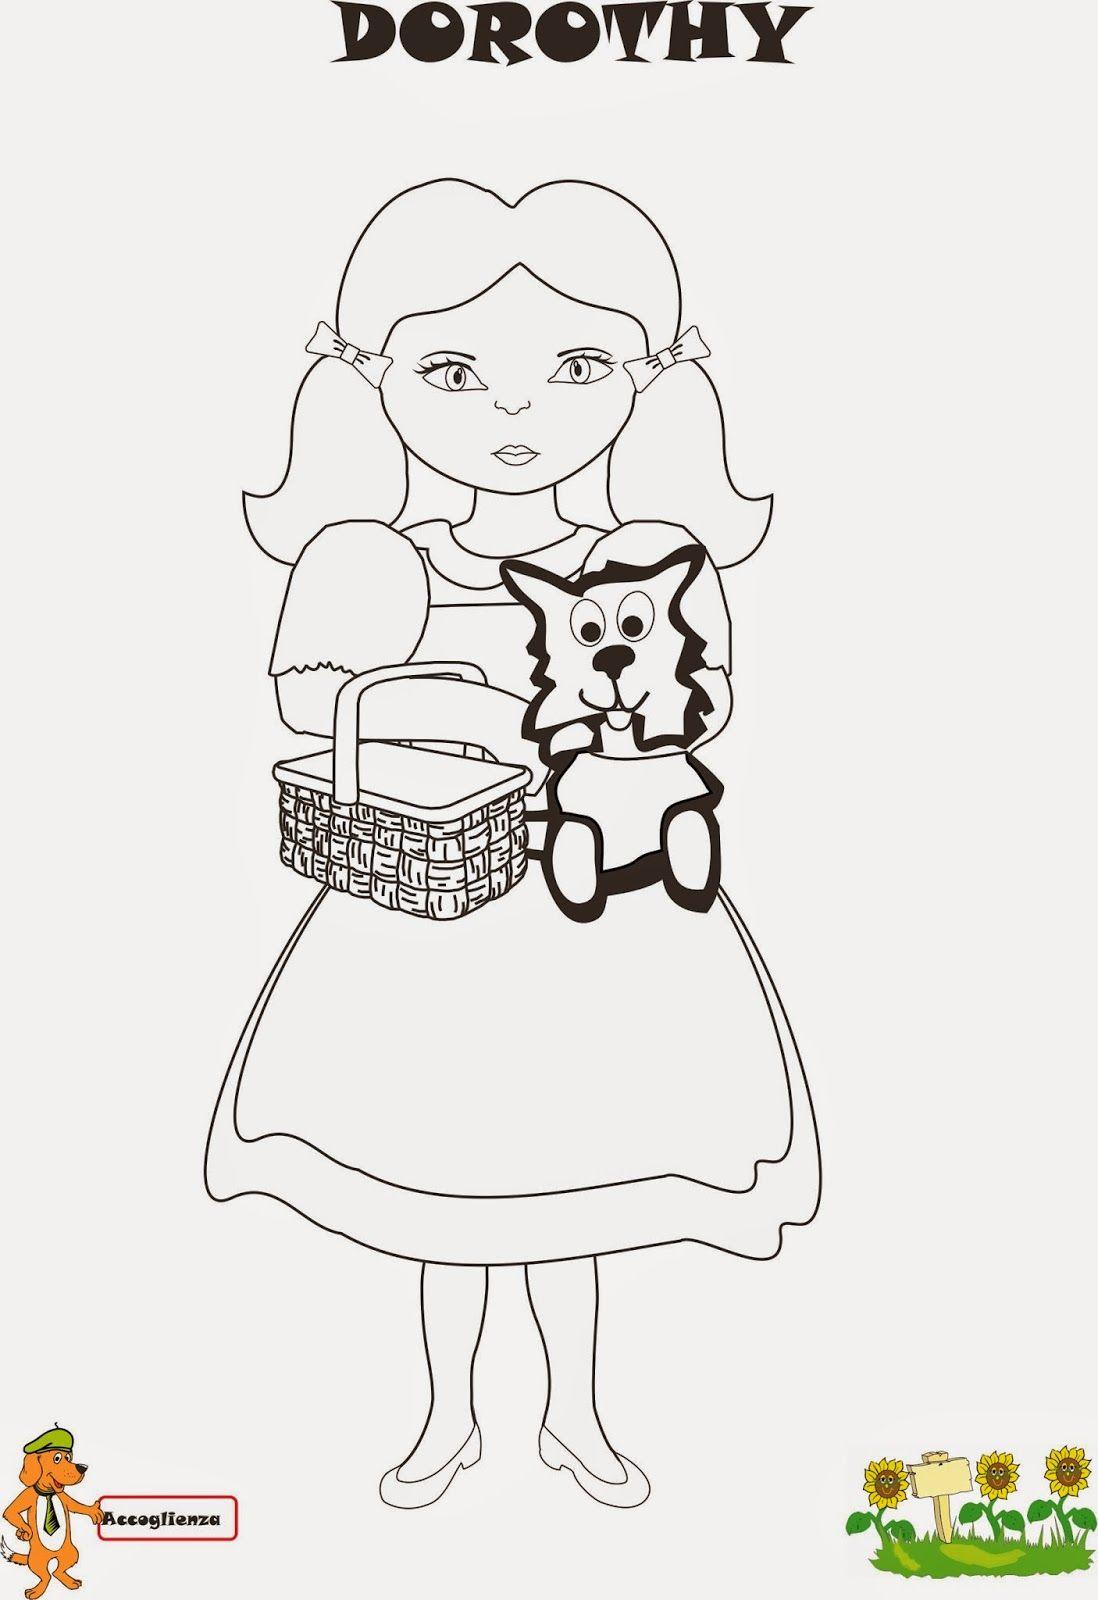 Disegni Da Colorare Per Bambini Mago Di Oz.Prima Tappa Dorothy Ed Il Magico Mondo Di Oz Mago Di Oz